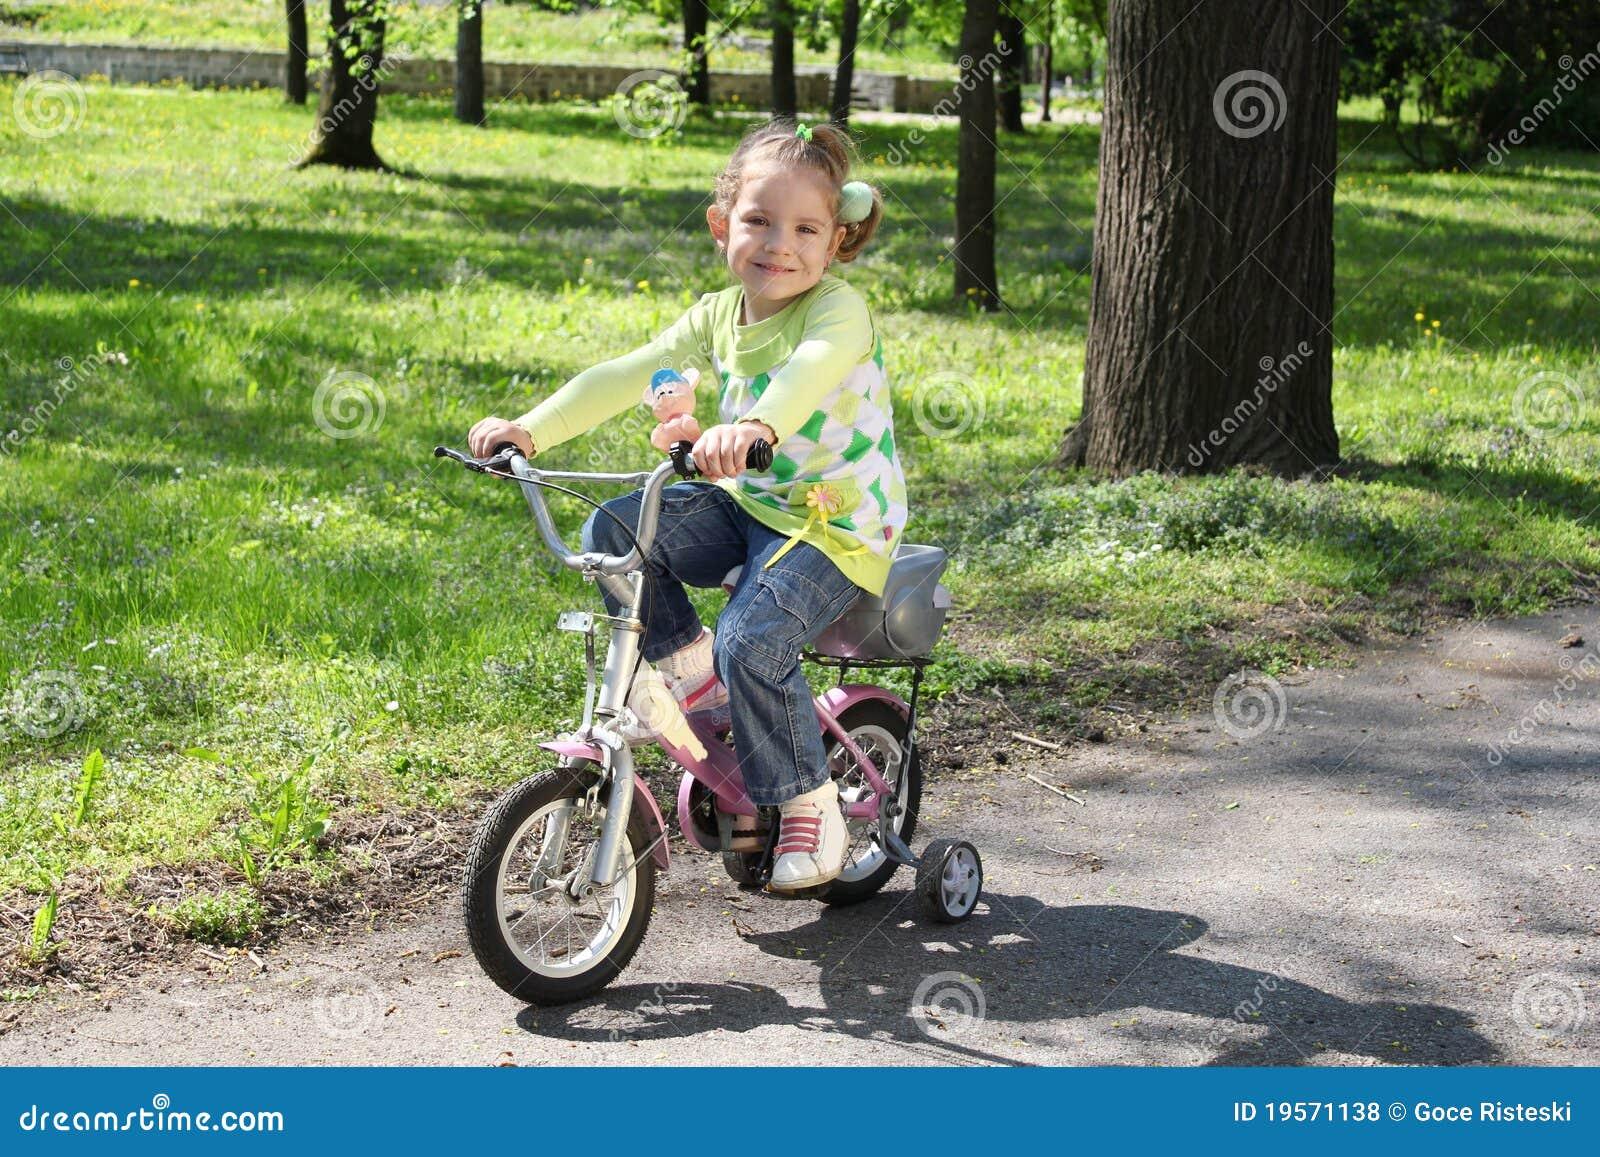 Niña Montando Su Bicicleta En Un Parque: Bicicleta Del Montar A Caballo De La Chica Joven Fotos De